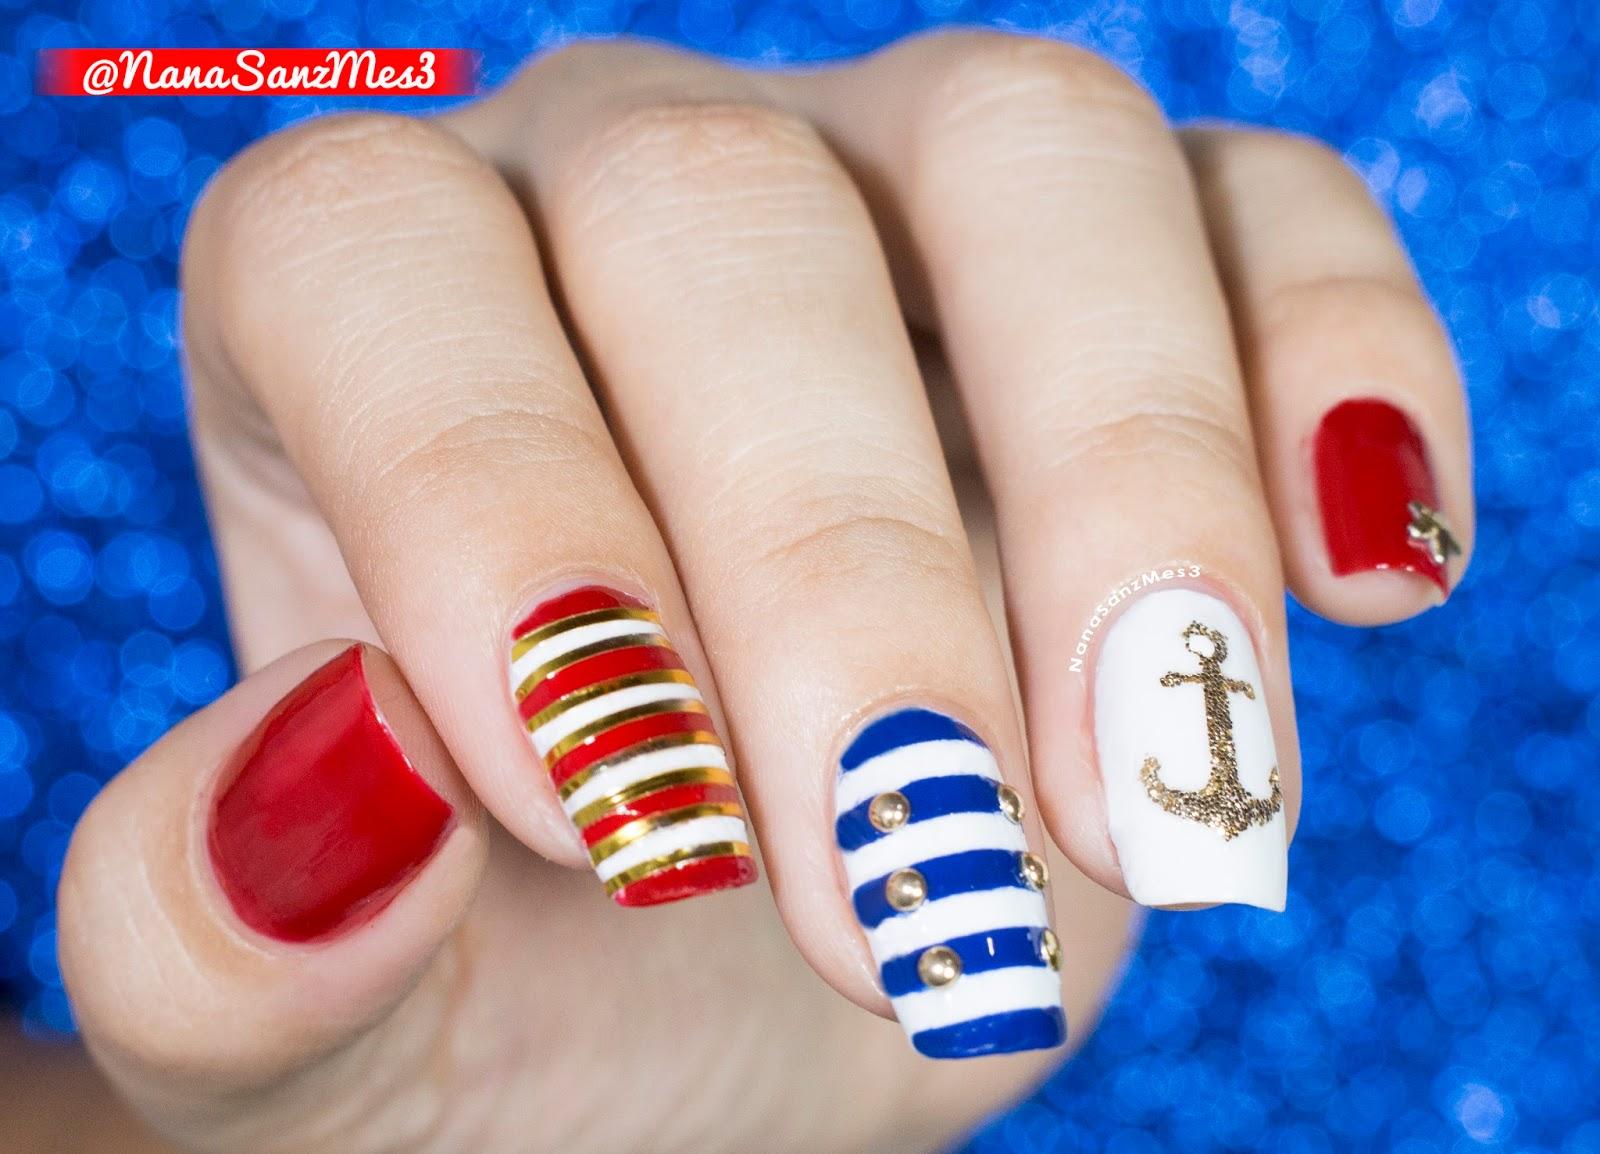 NanaSanzMes3: Sailor nails! - Swatching